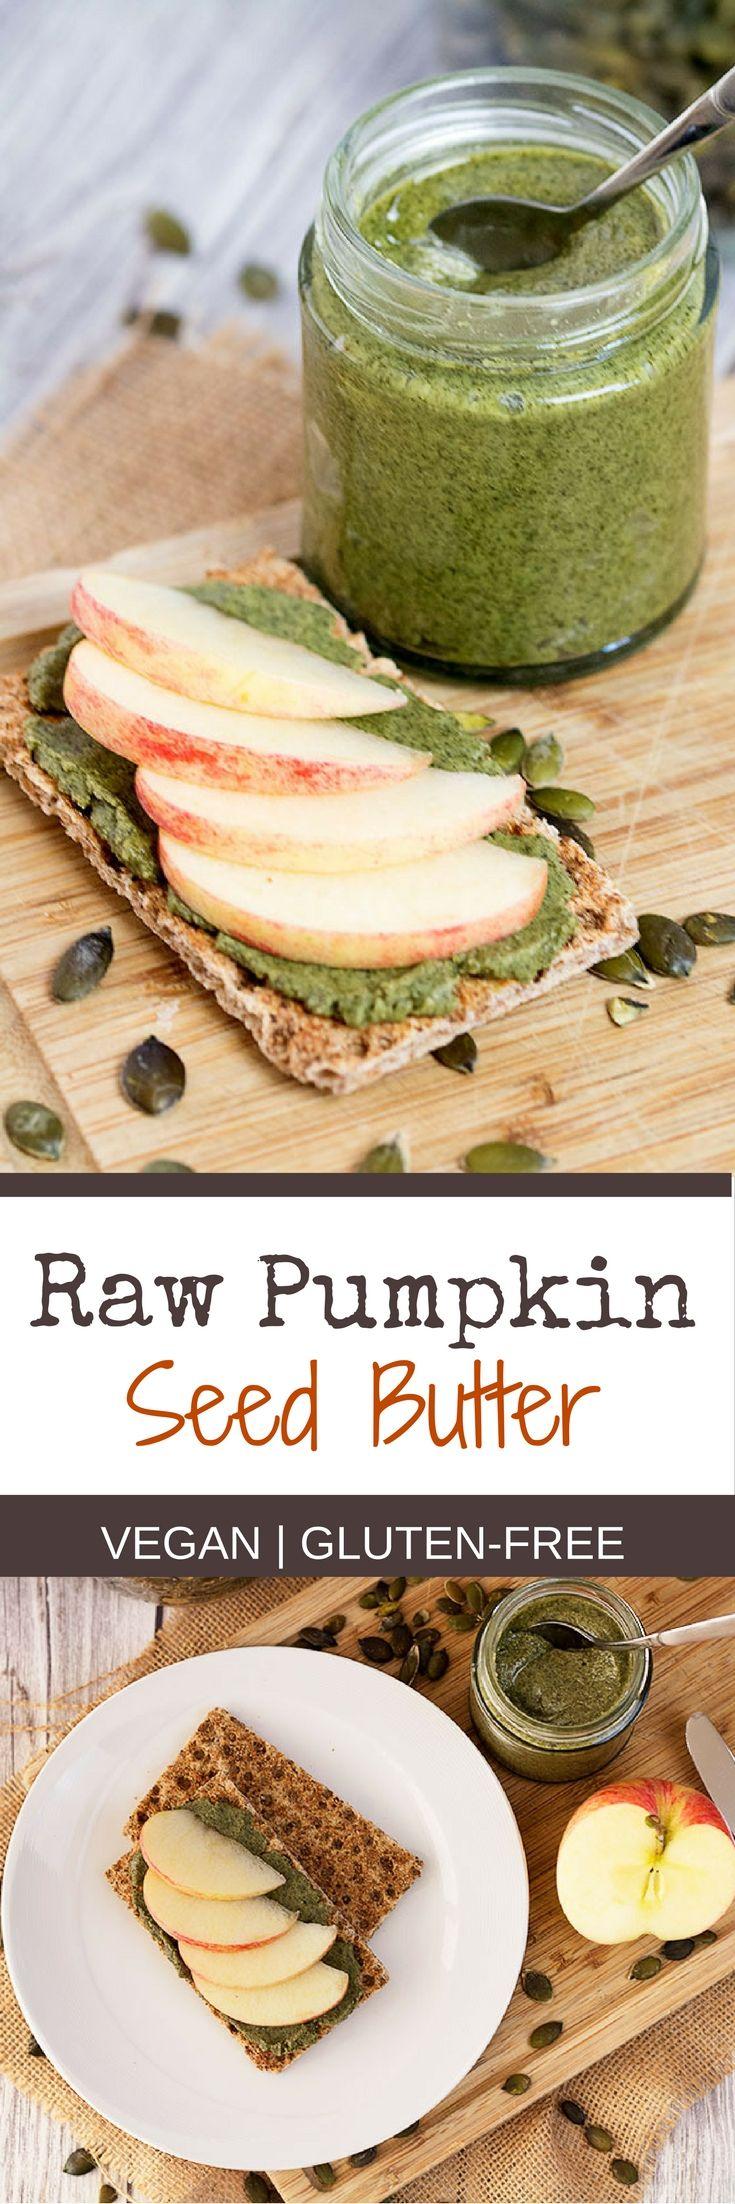 Raw Pumpkin Seed Butter